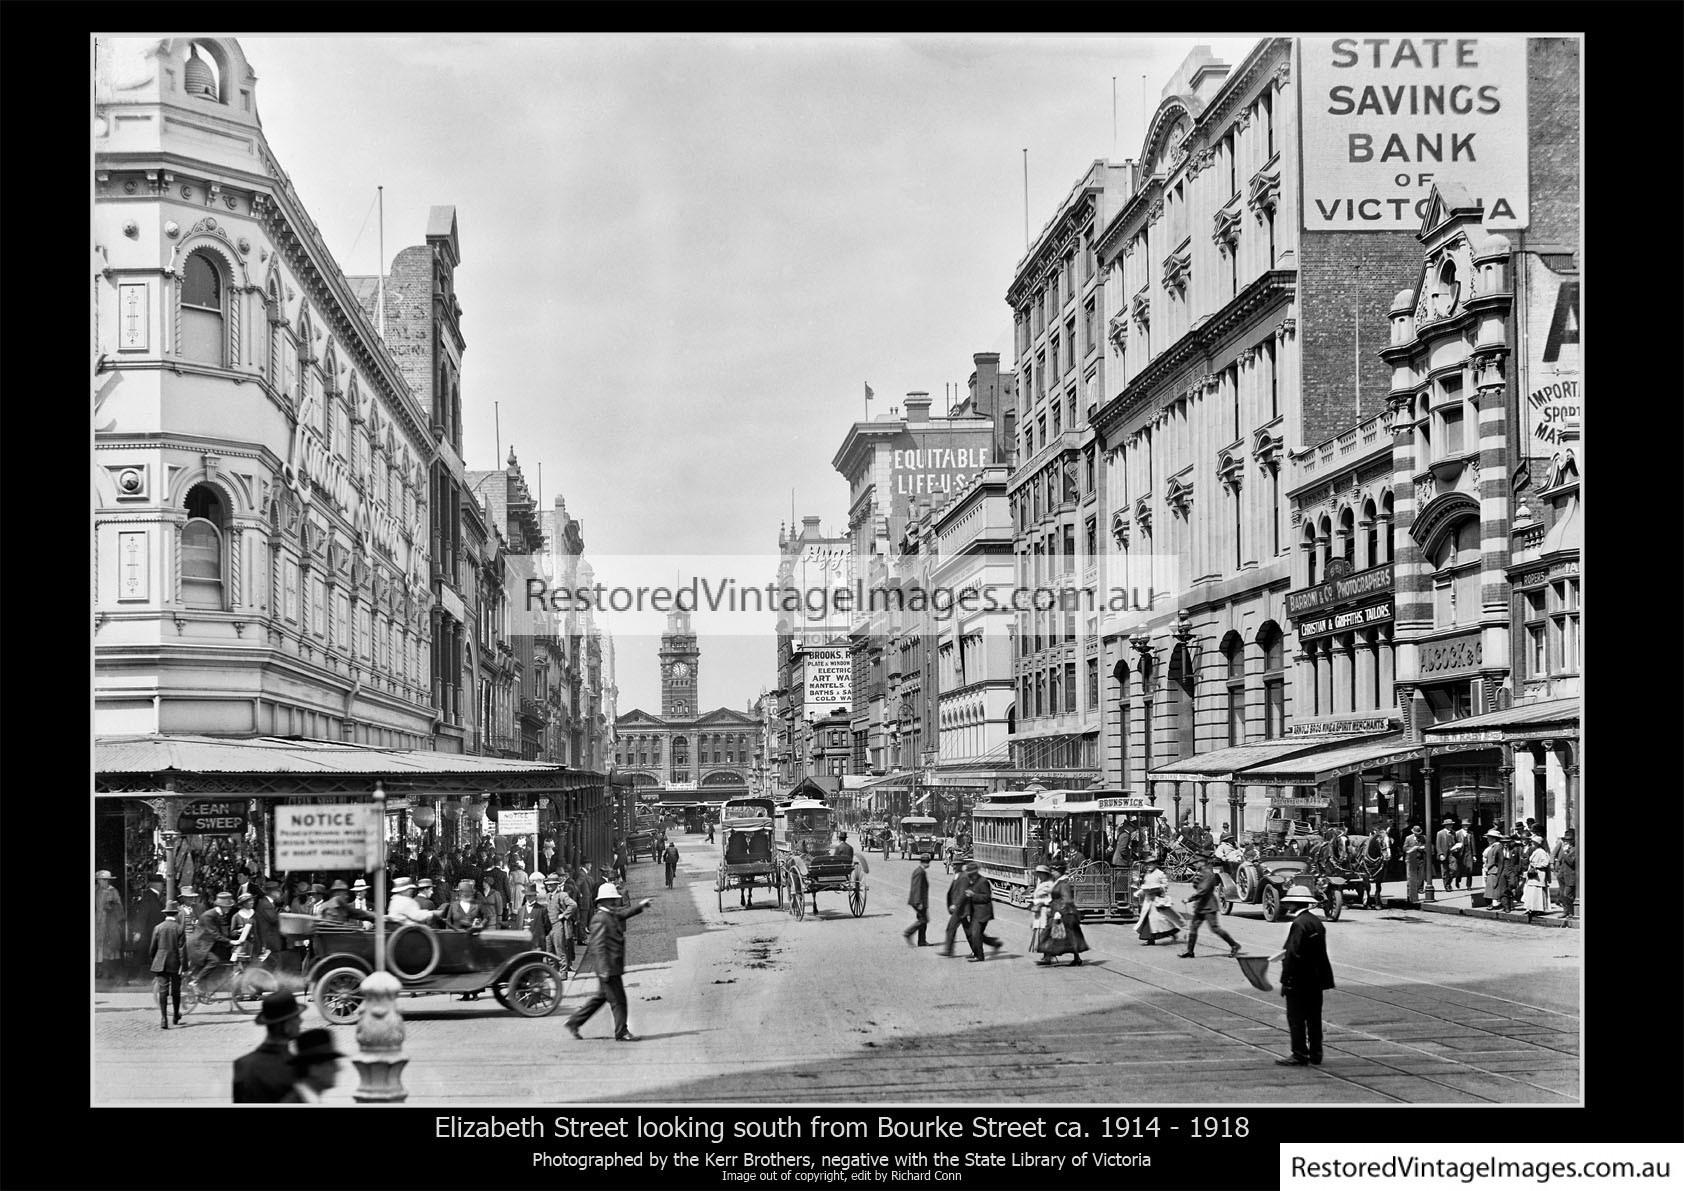 Elizabeth St Looking South From Bourke 1914-18